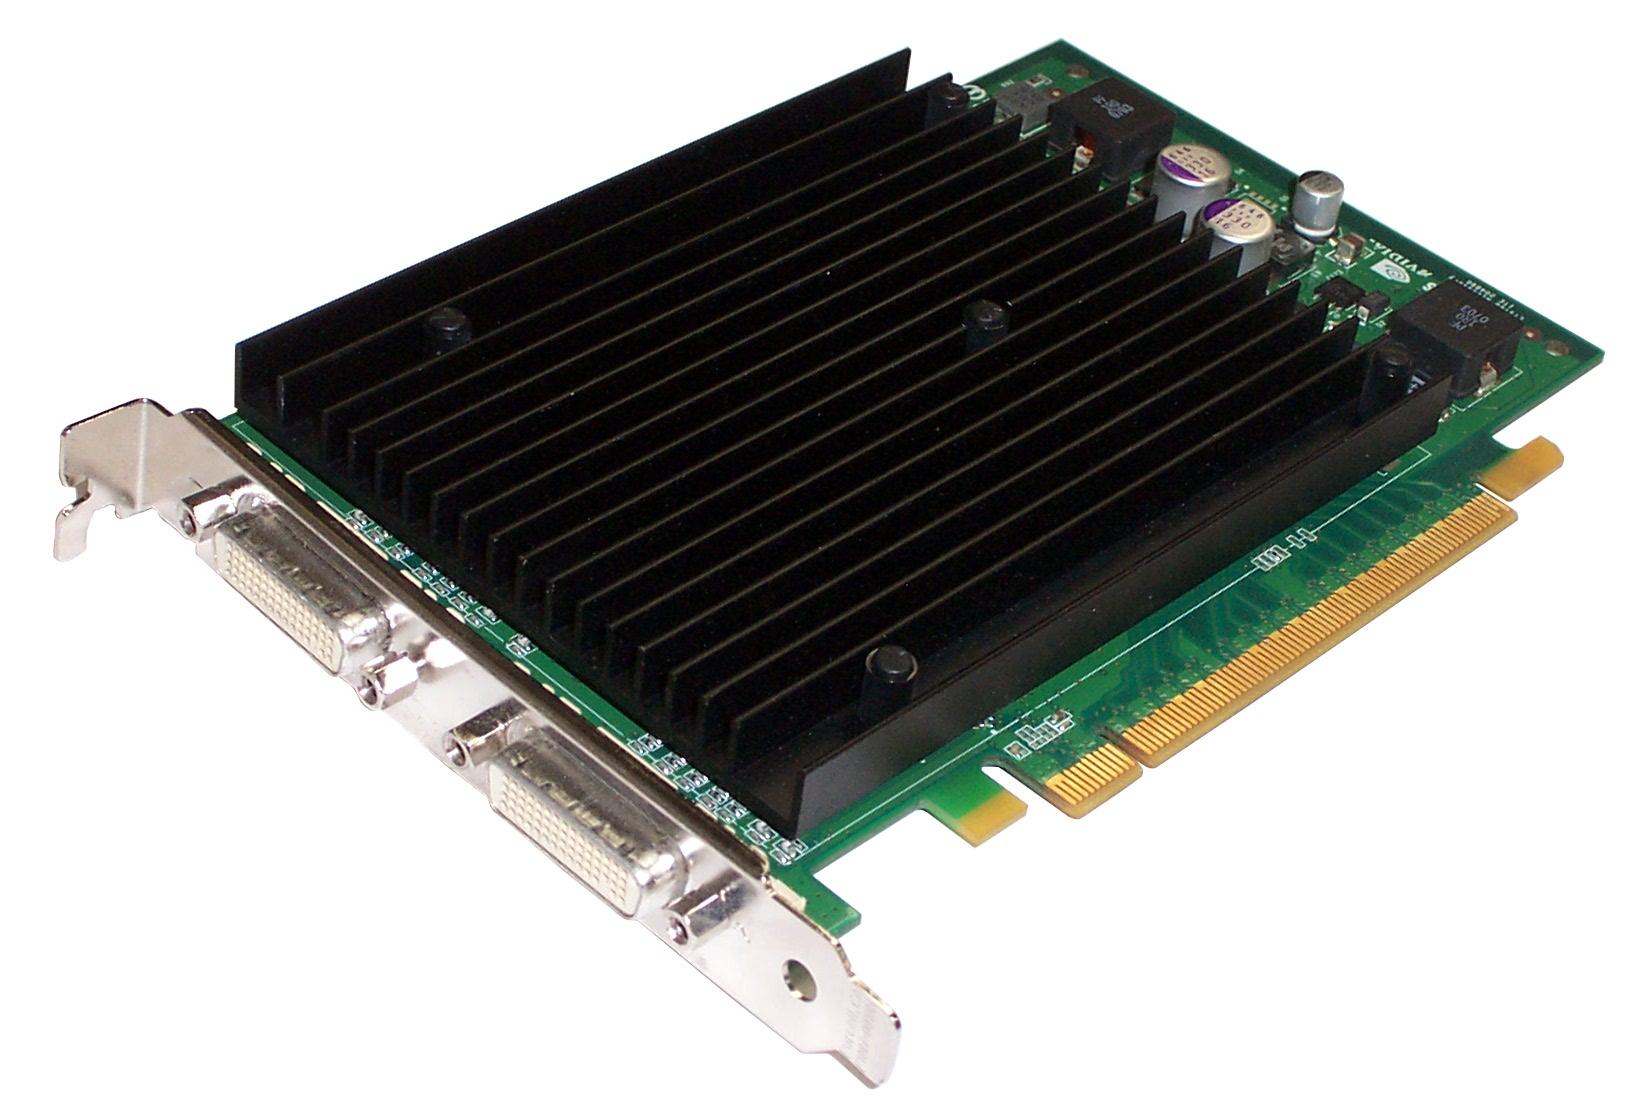 HP 385641-001 Quadro NVS440 256MB Quad Display Graphics Card -  SP 390423-001